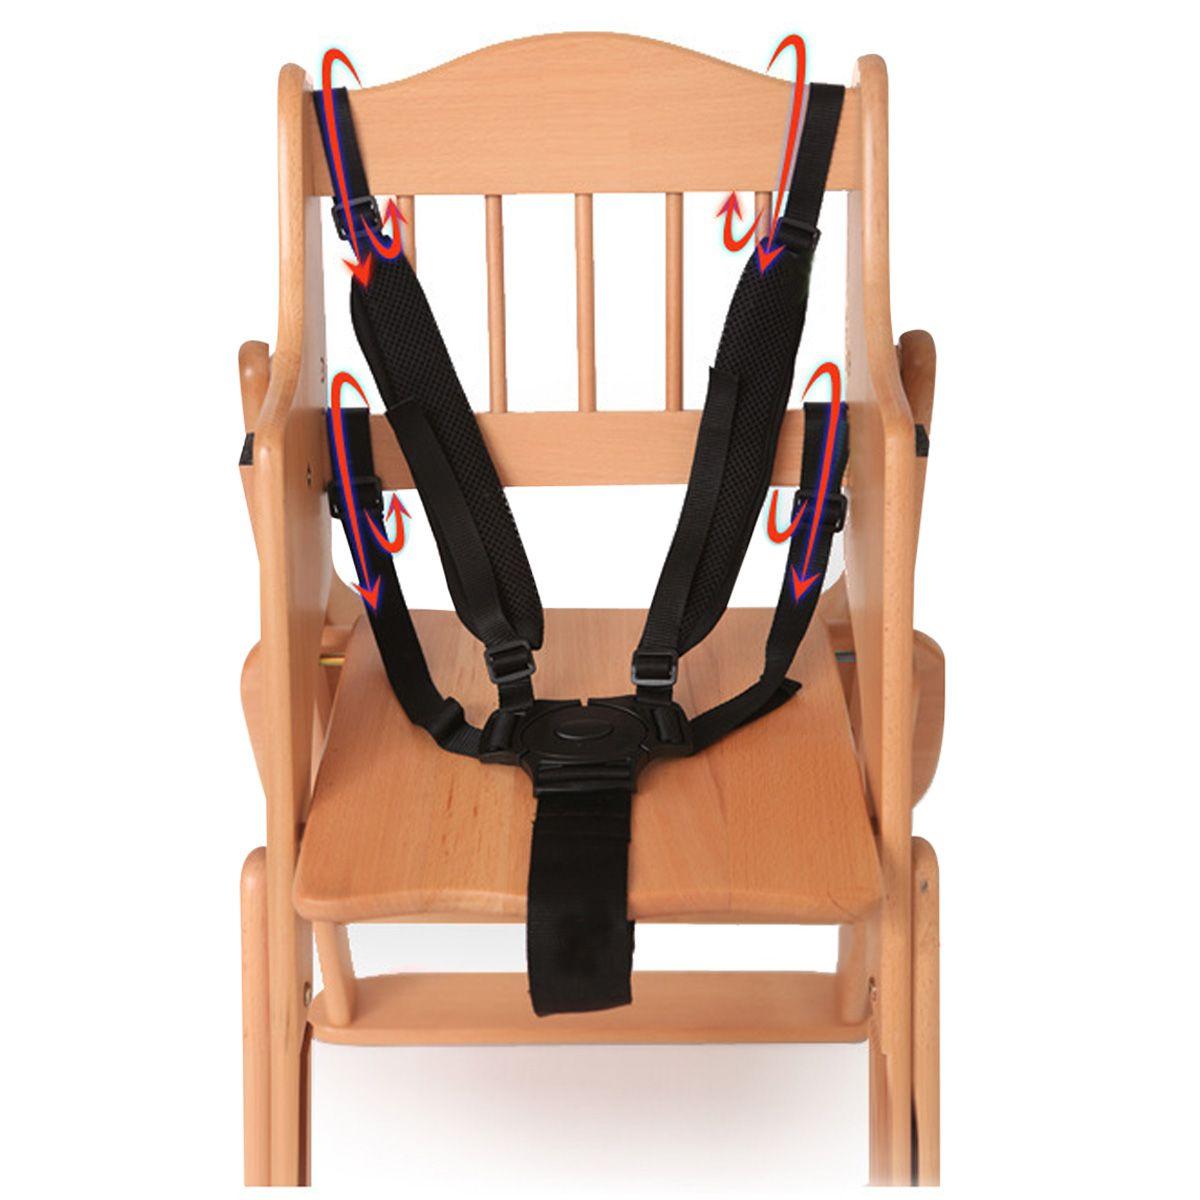 Hoge Stoel Voor Kind.5 Punt Harnas Wandelwagen Hoge Stoel Voor Kinderen Veilig Riem Seat